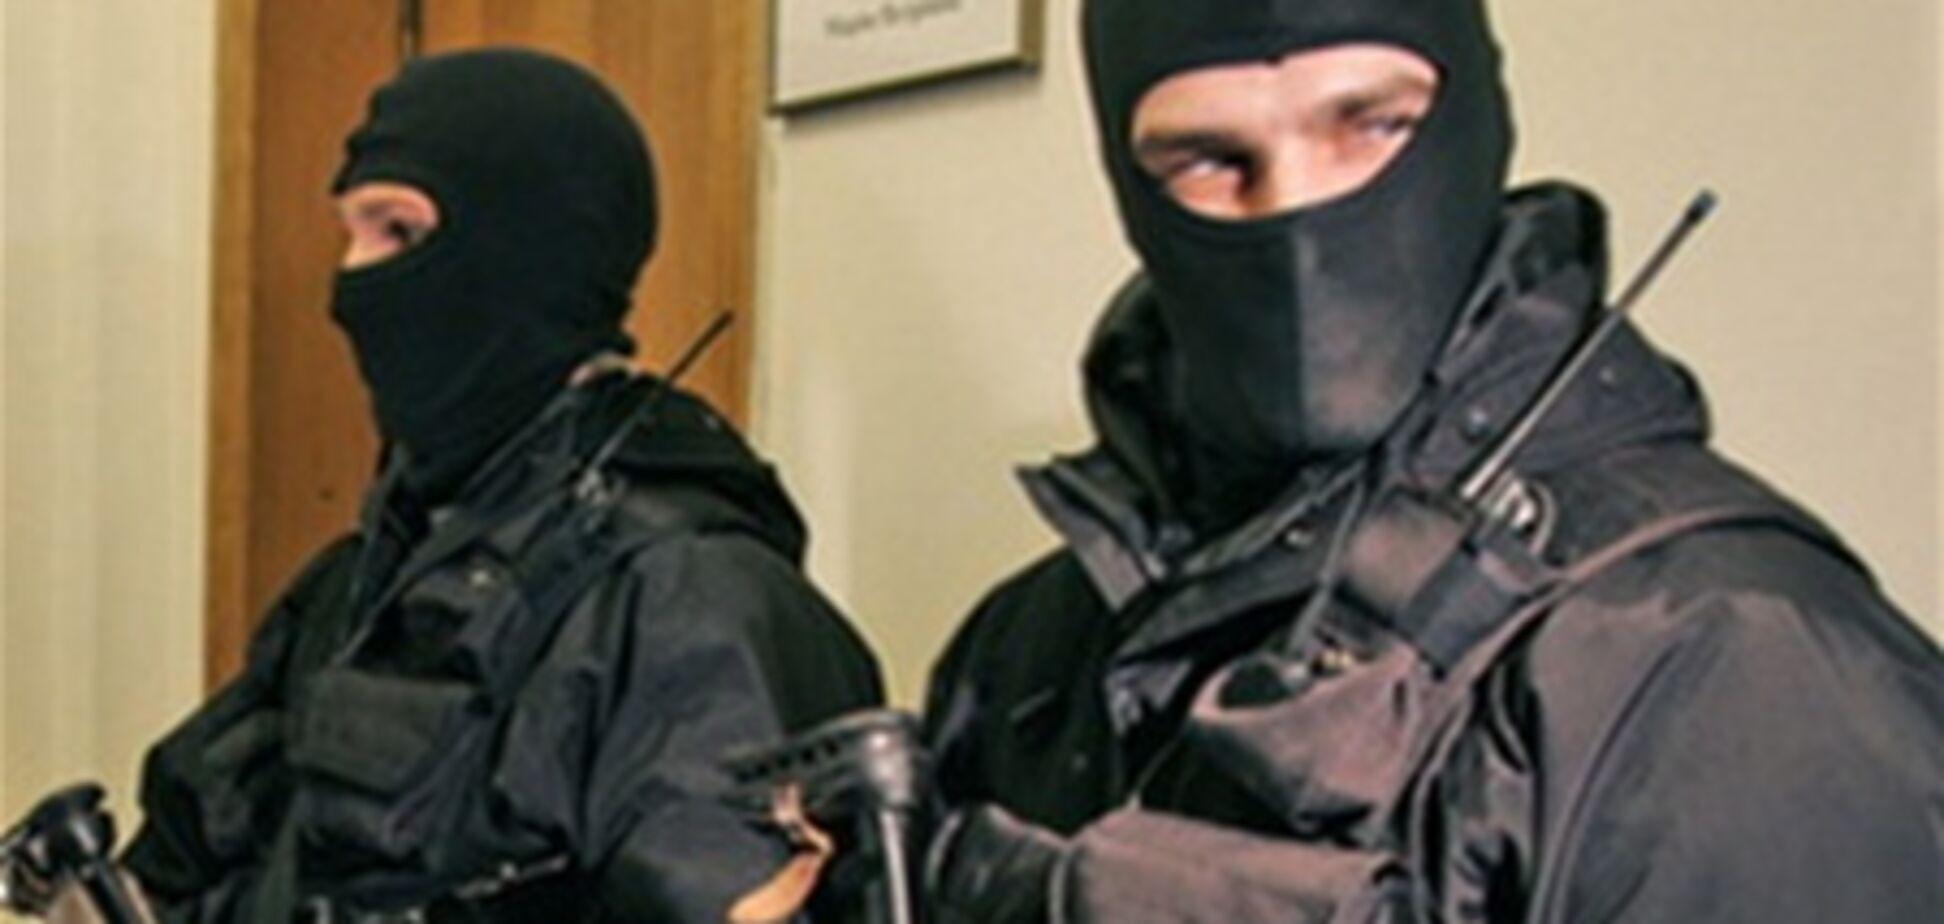 Киевлянину грозит 7 лет тюрьмы из-за покупки гаджетов в интернет-магазине